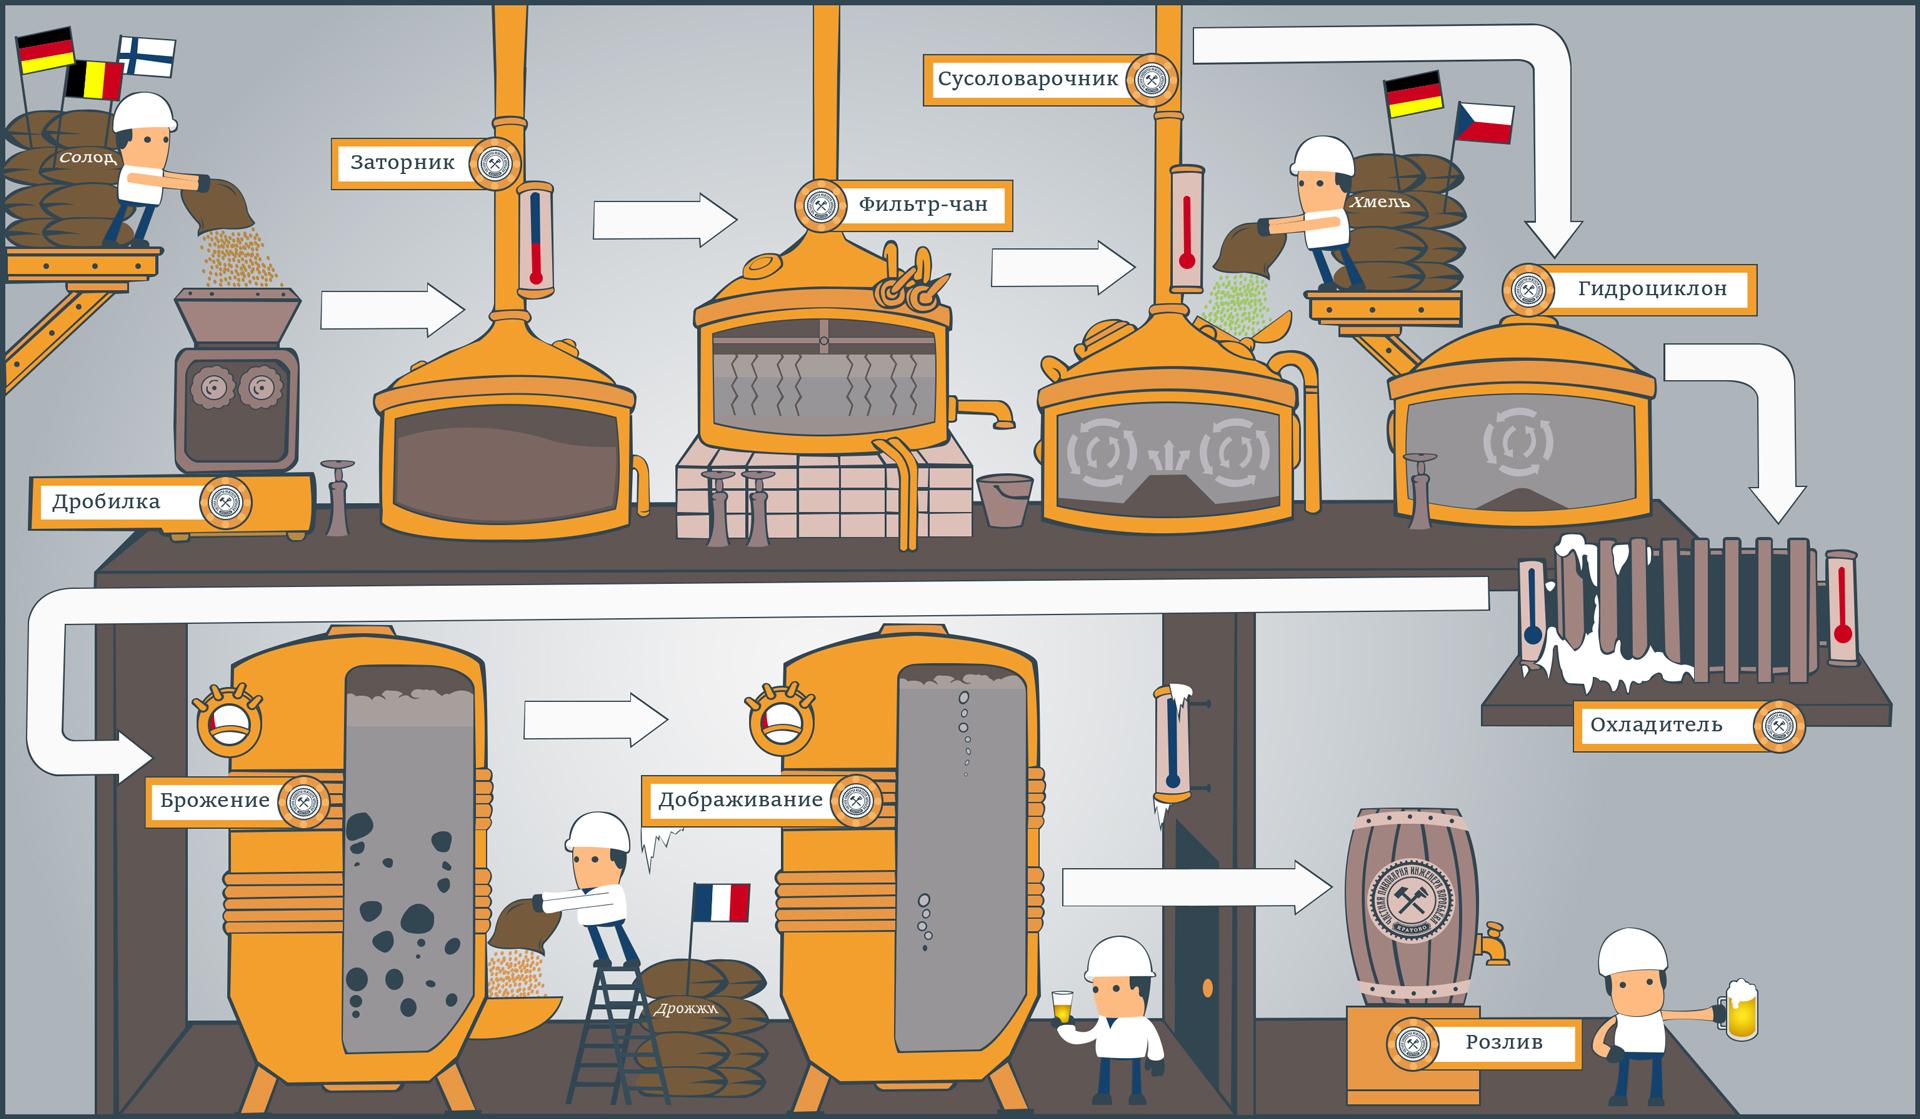 Схема работы Частной пивоварни инженера Воробьёва